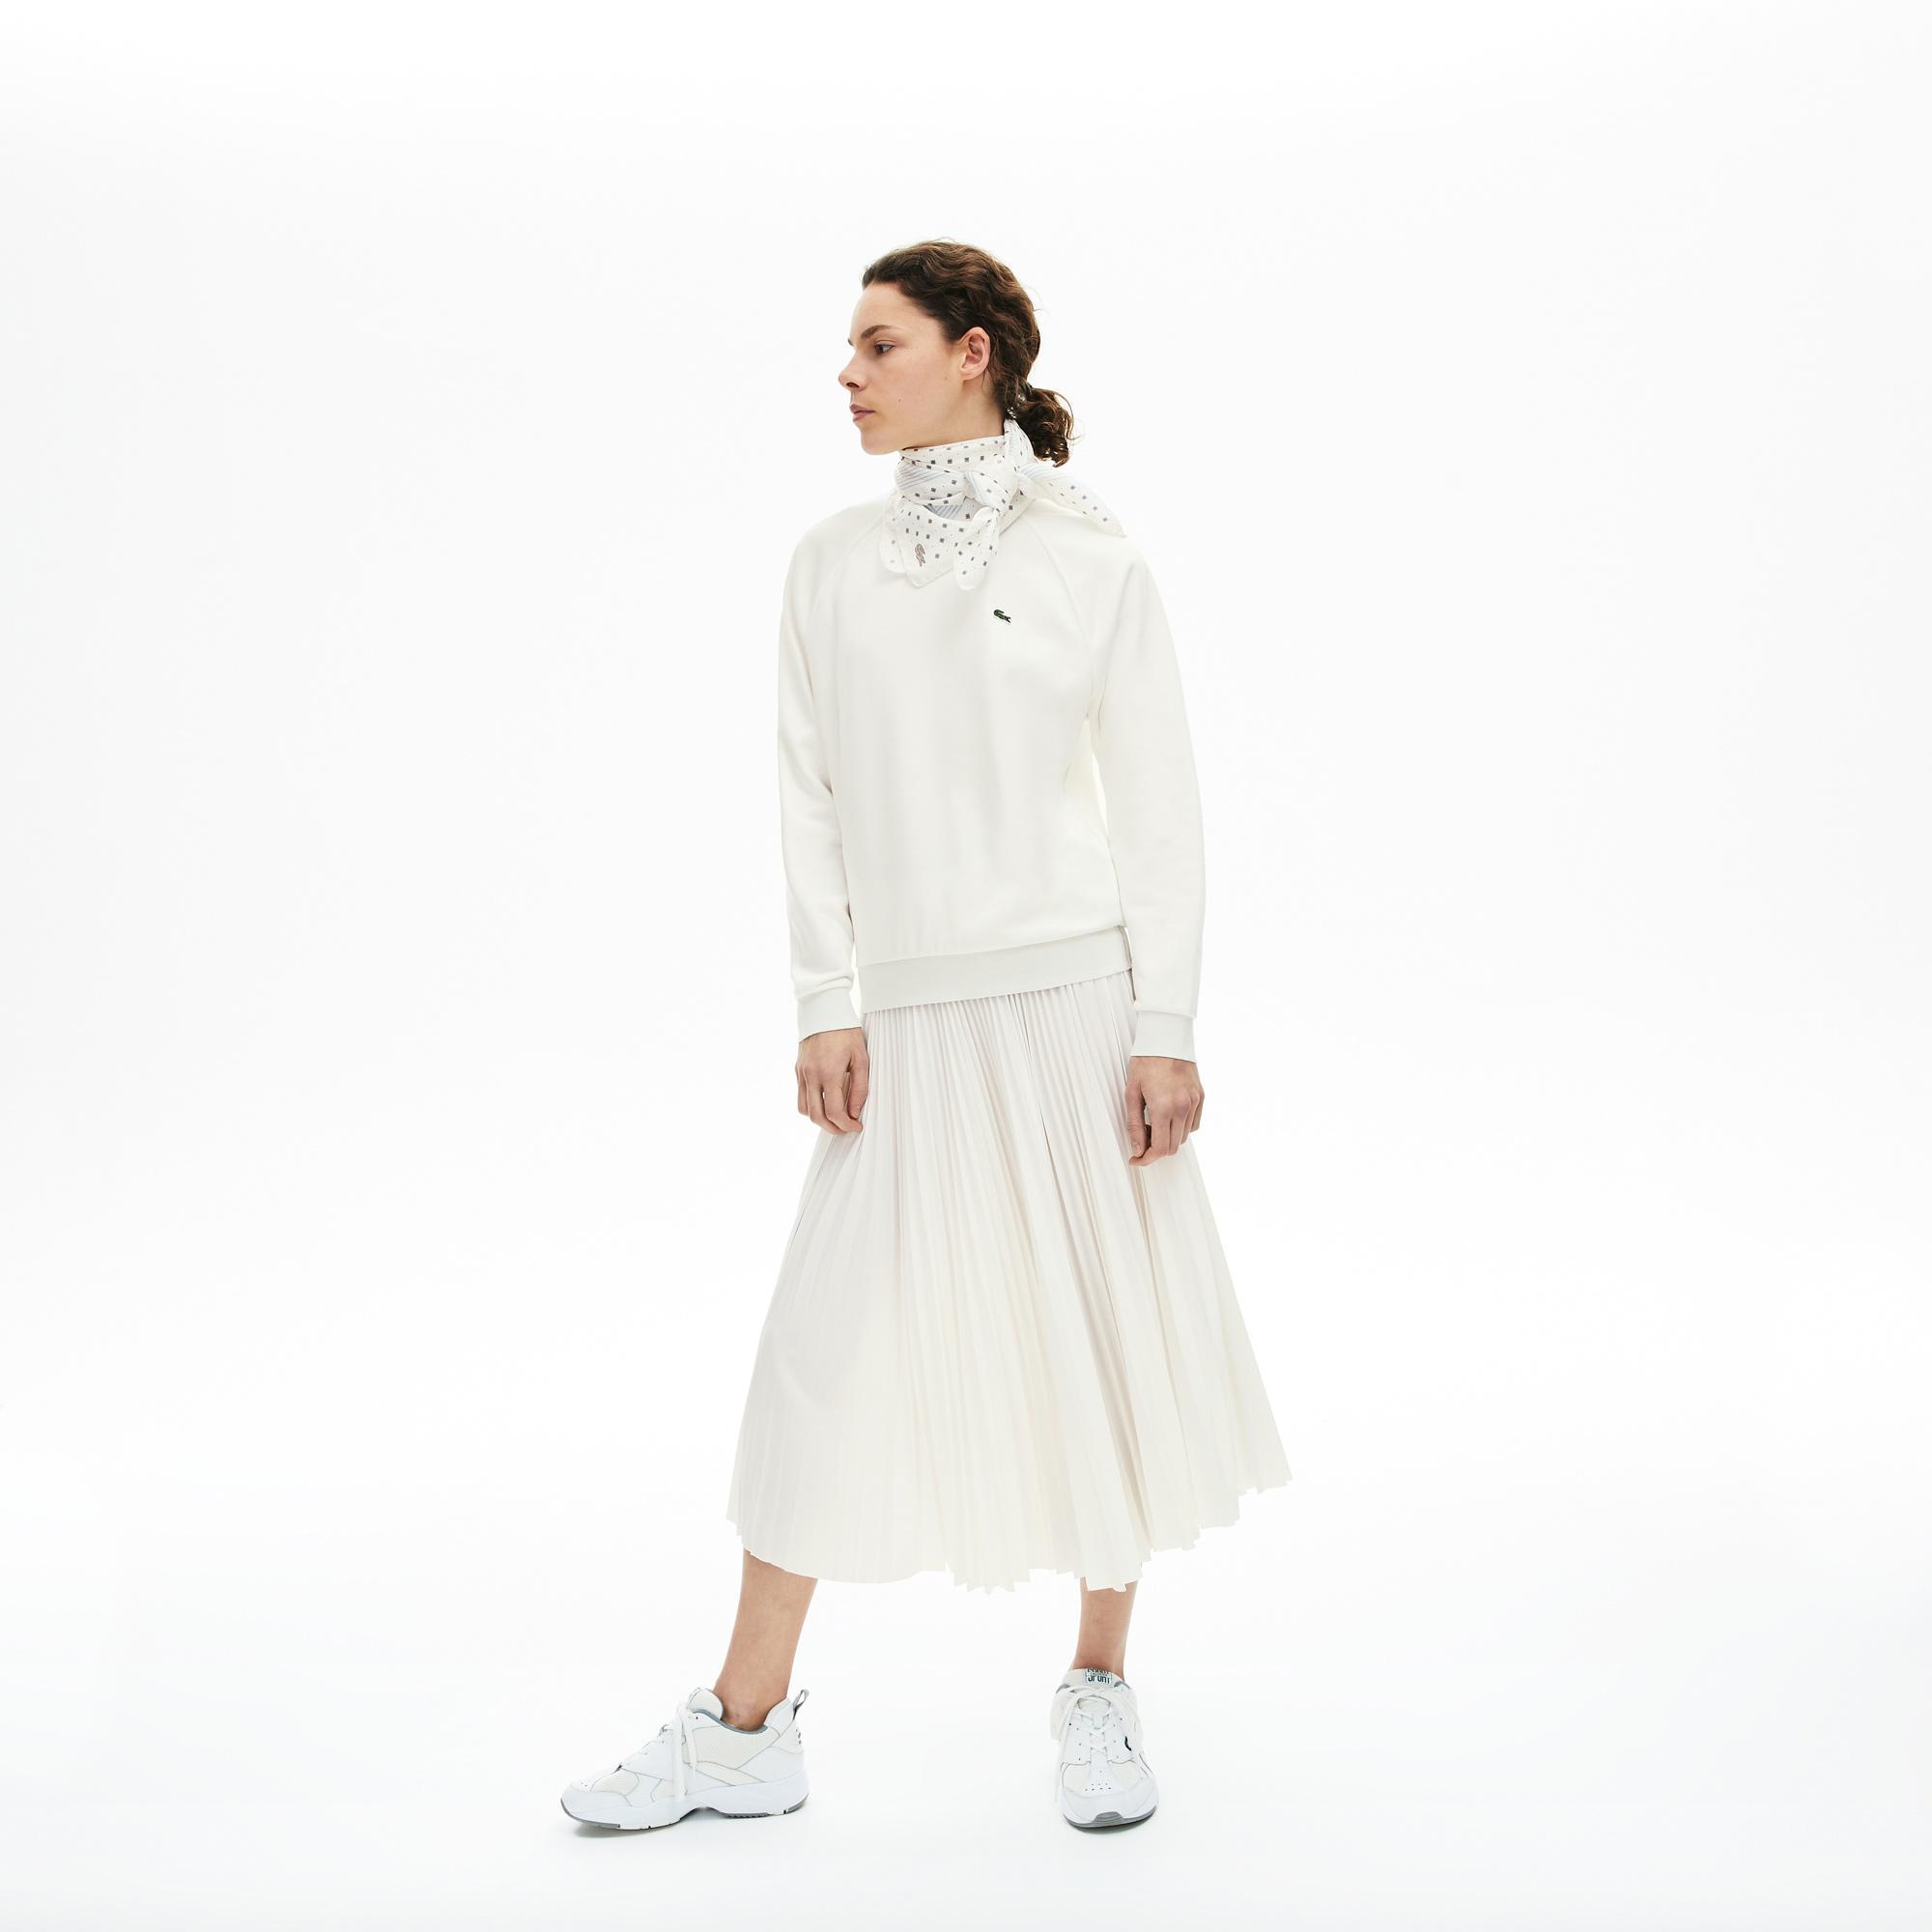 Lacoste Damska Klasyczna Polarowa Bluza Z Okrągłym Dekoltem